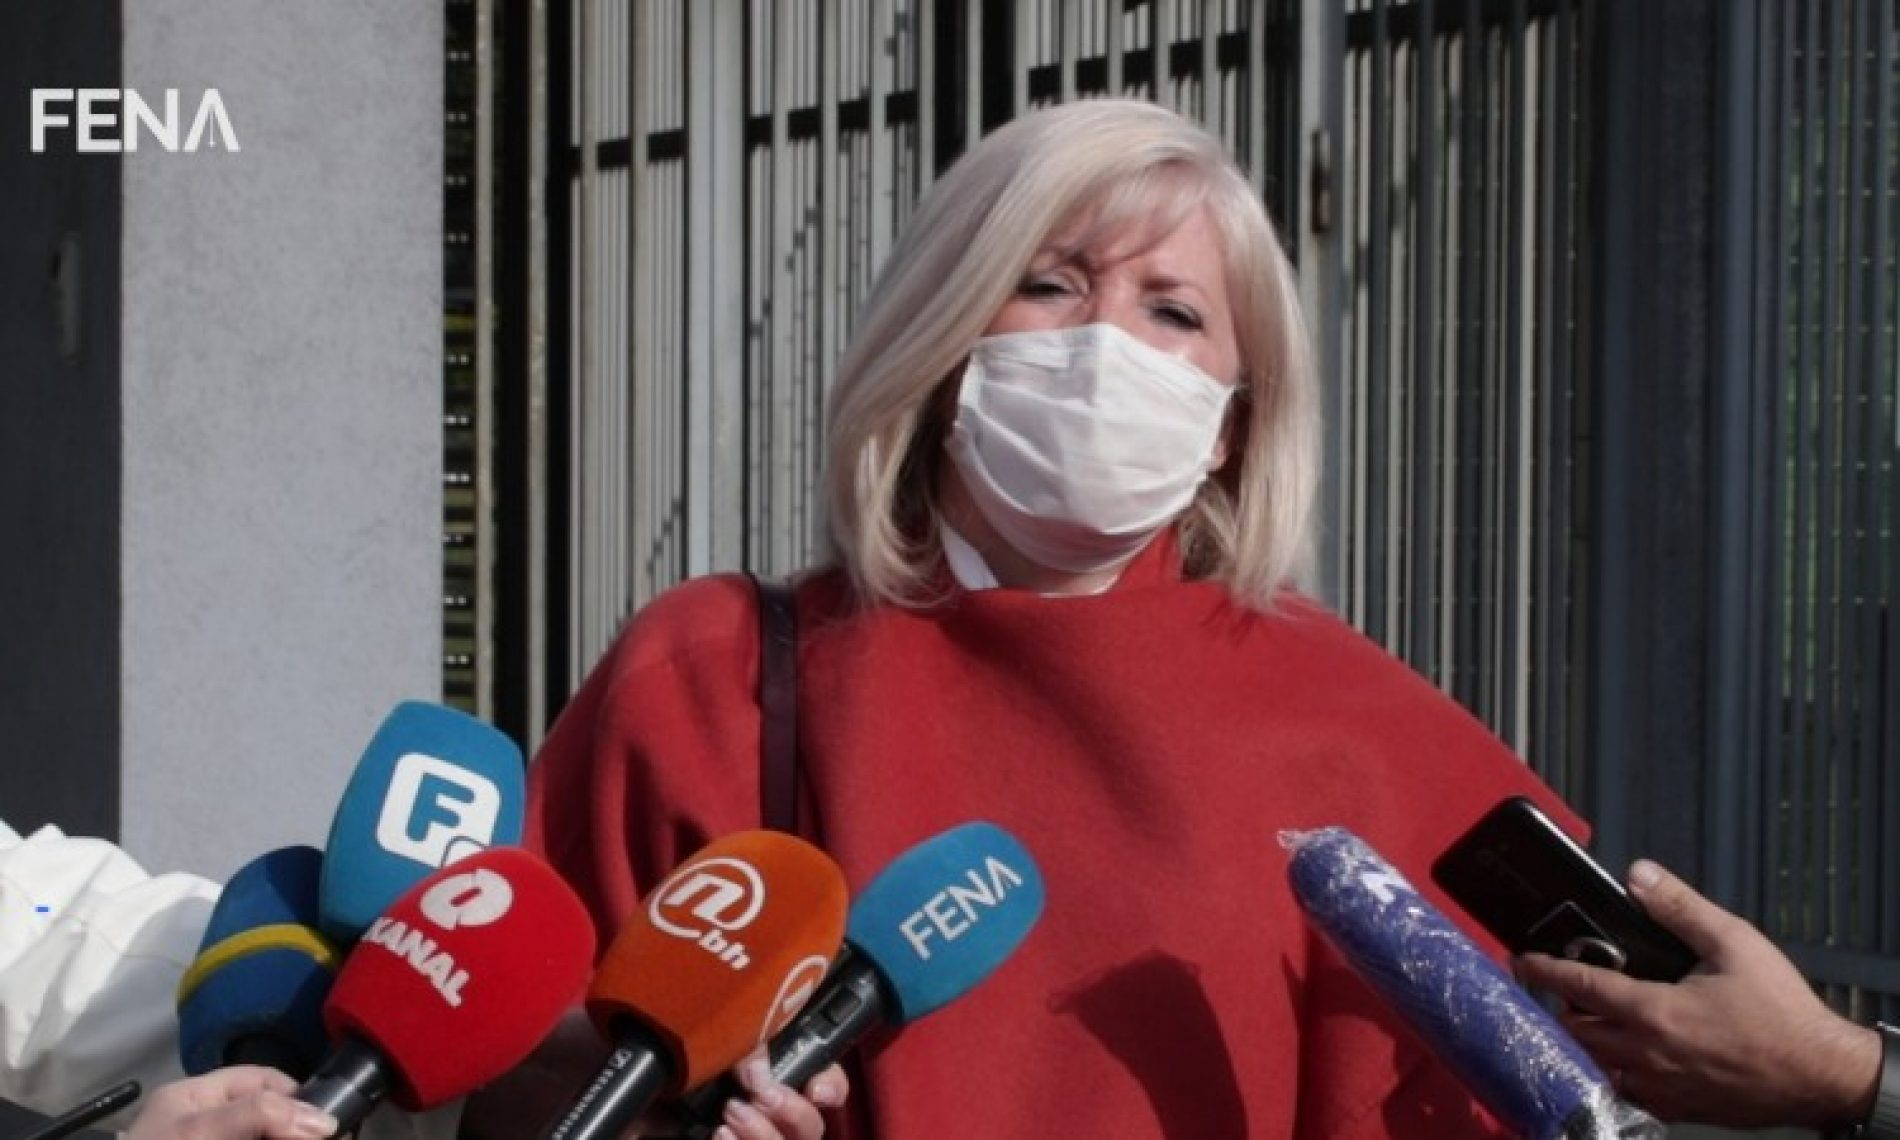 Tužilaštvo: Dobavljač odabran na osnovu SMS poruke. Odbrana – Vlada Njemačke respiratore naručila SMS porukom